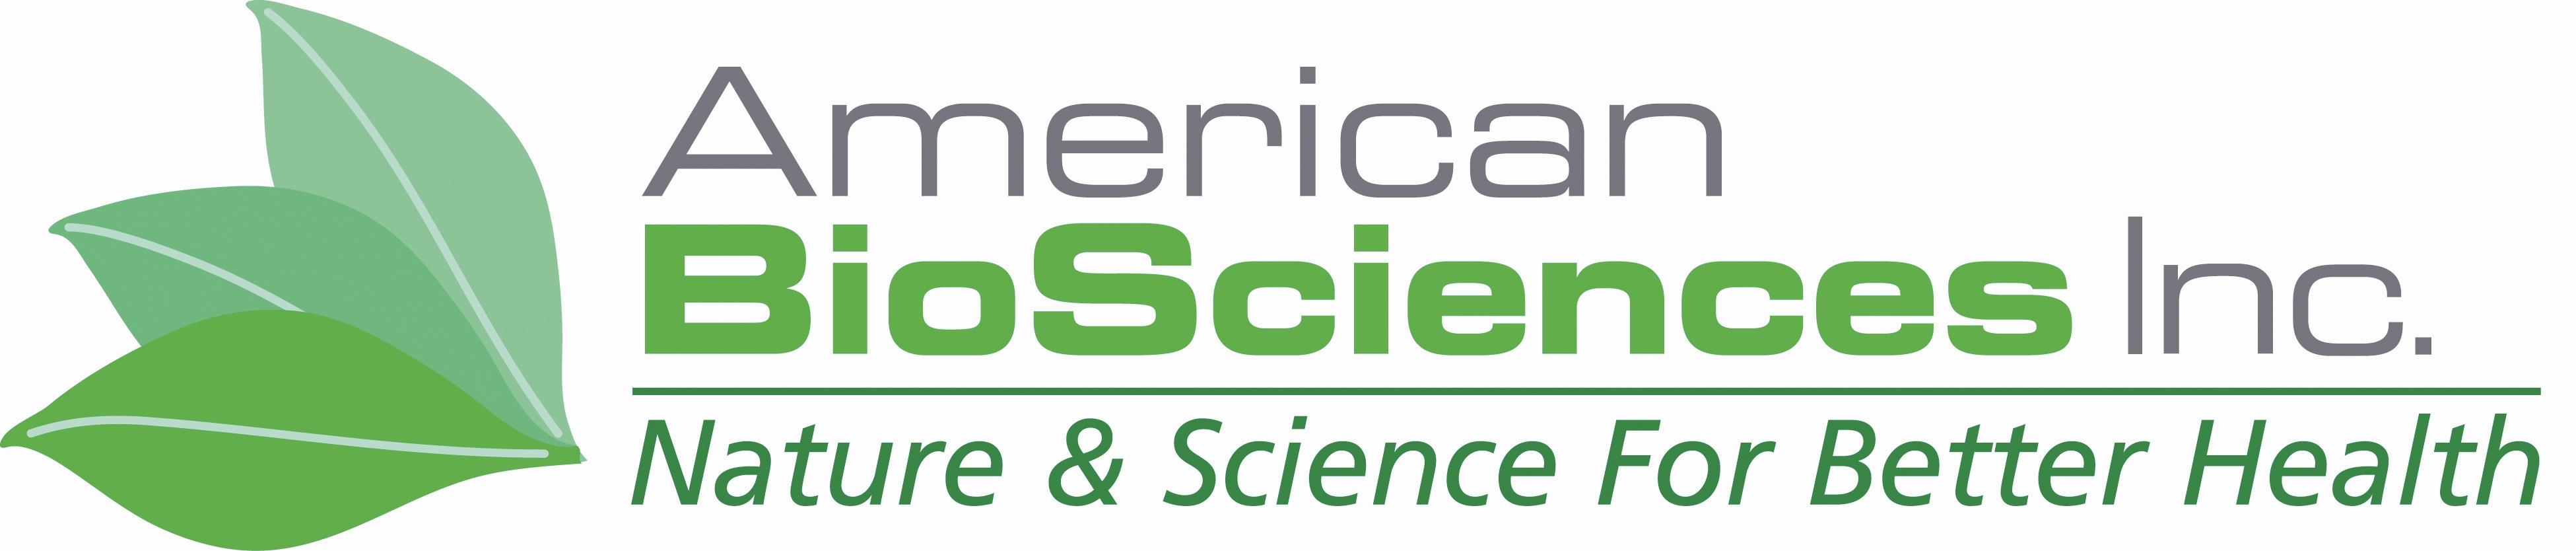 American BioSciences